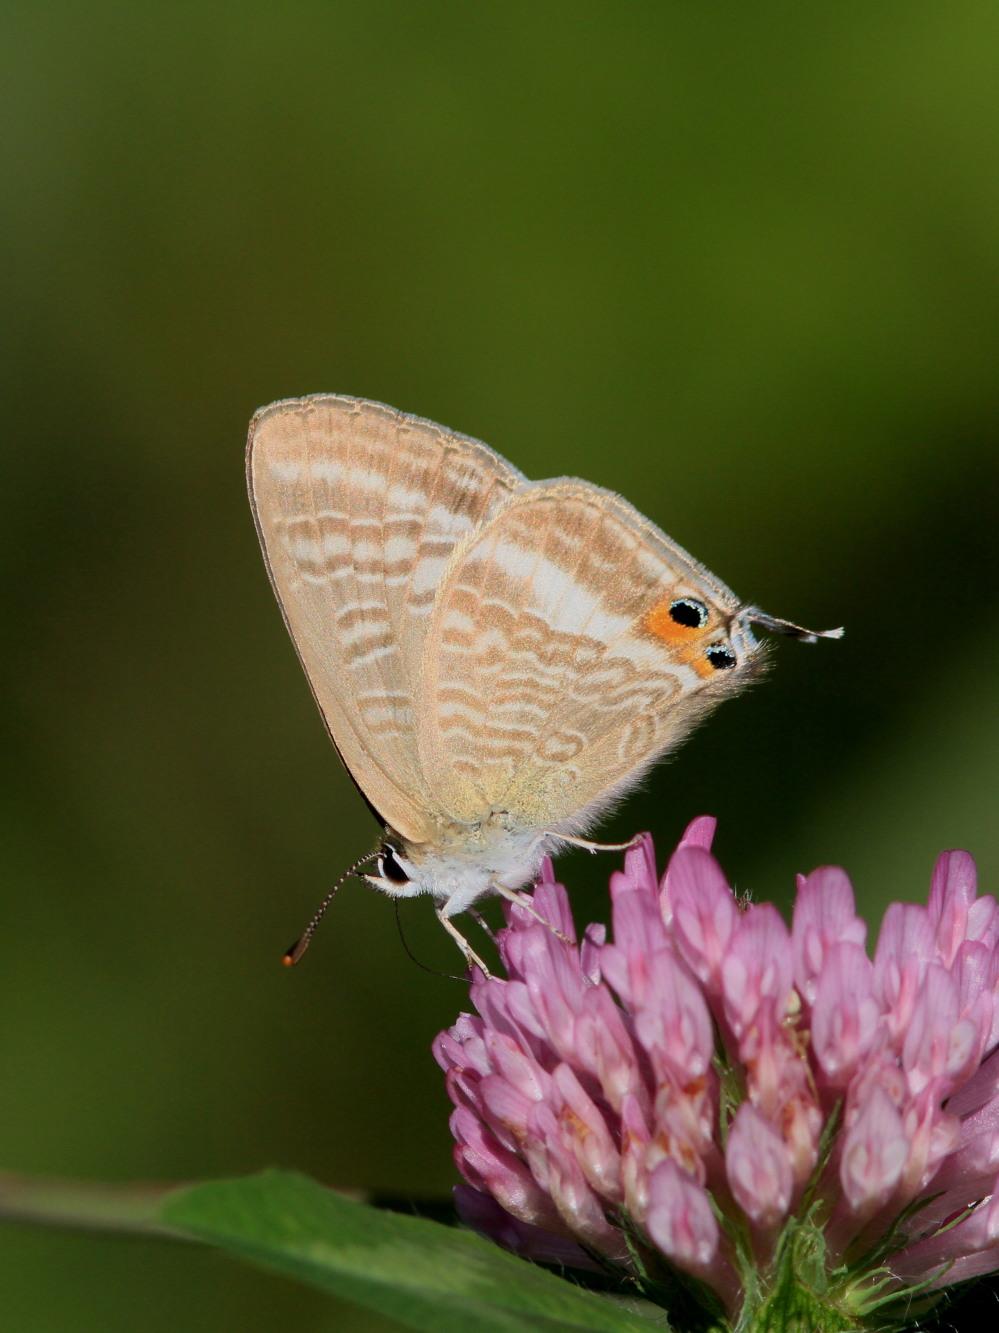 ウラナミシジミ  ♂雄の全開翅が得られない。 2012.10月中旬-栃木県_a0146869_2045799.jpg